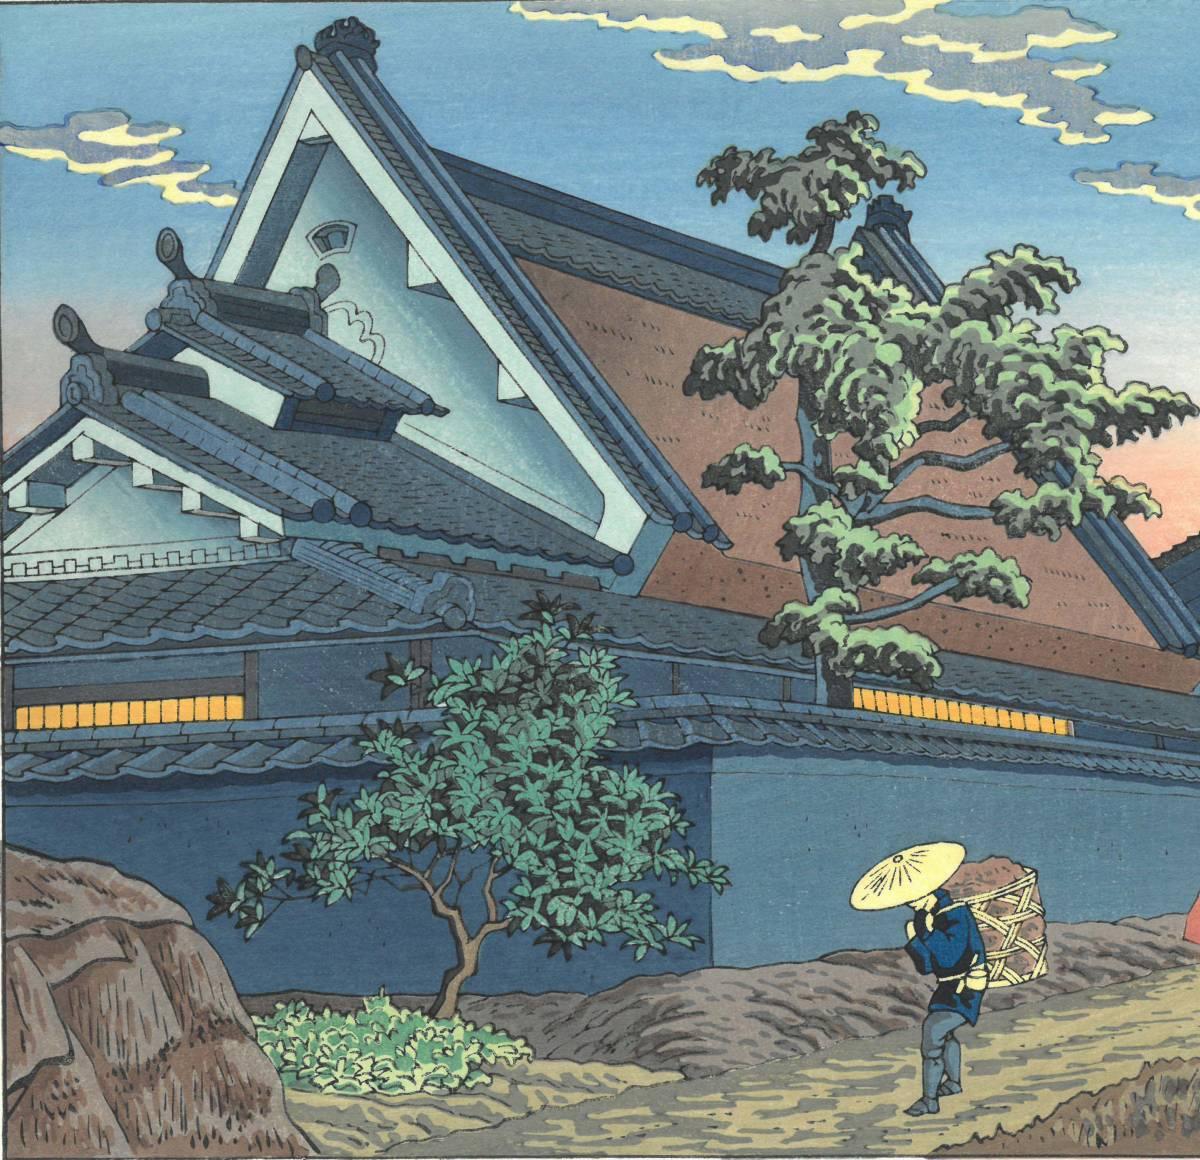 浅野竹二 (Asano Takeji) 木版画 TA20 大和路暮色 新版画 初版昭和20年頃 京都の一流の摺師の技をご堪能下さい!!_画像6